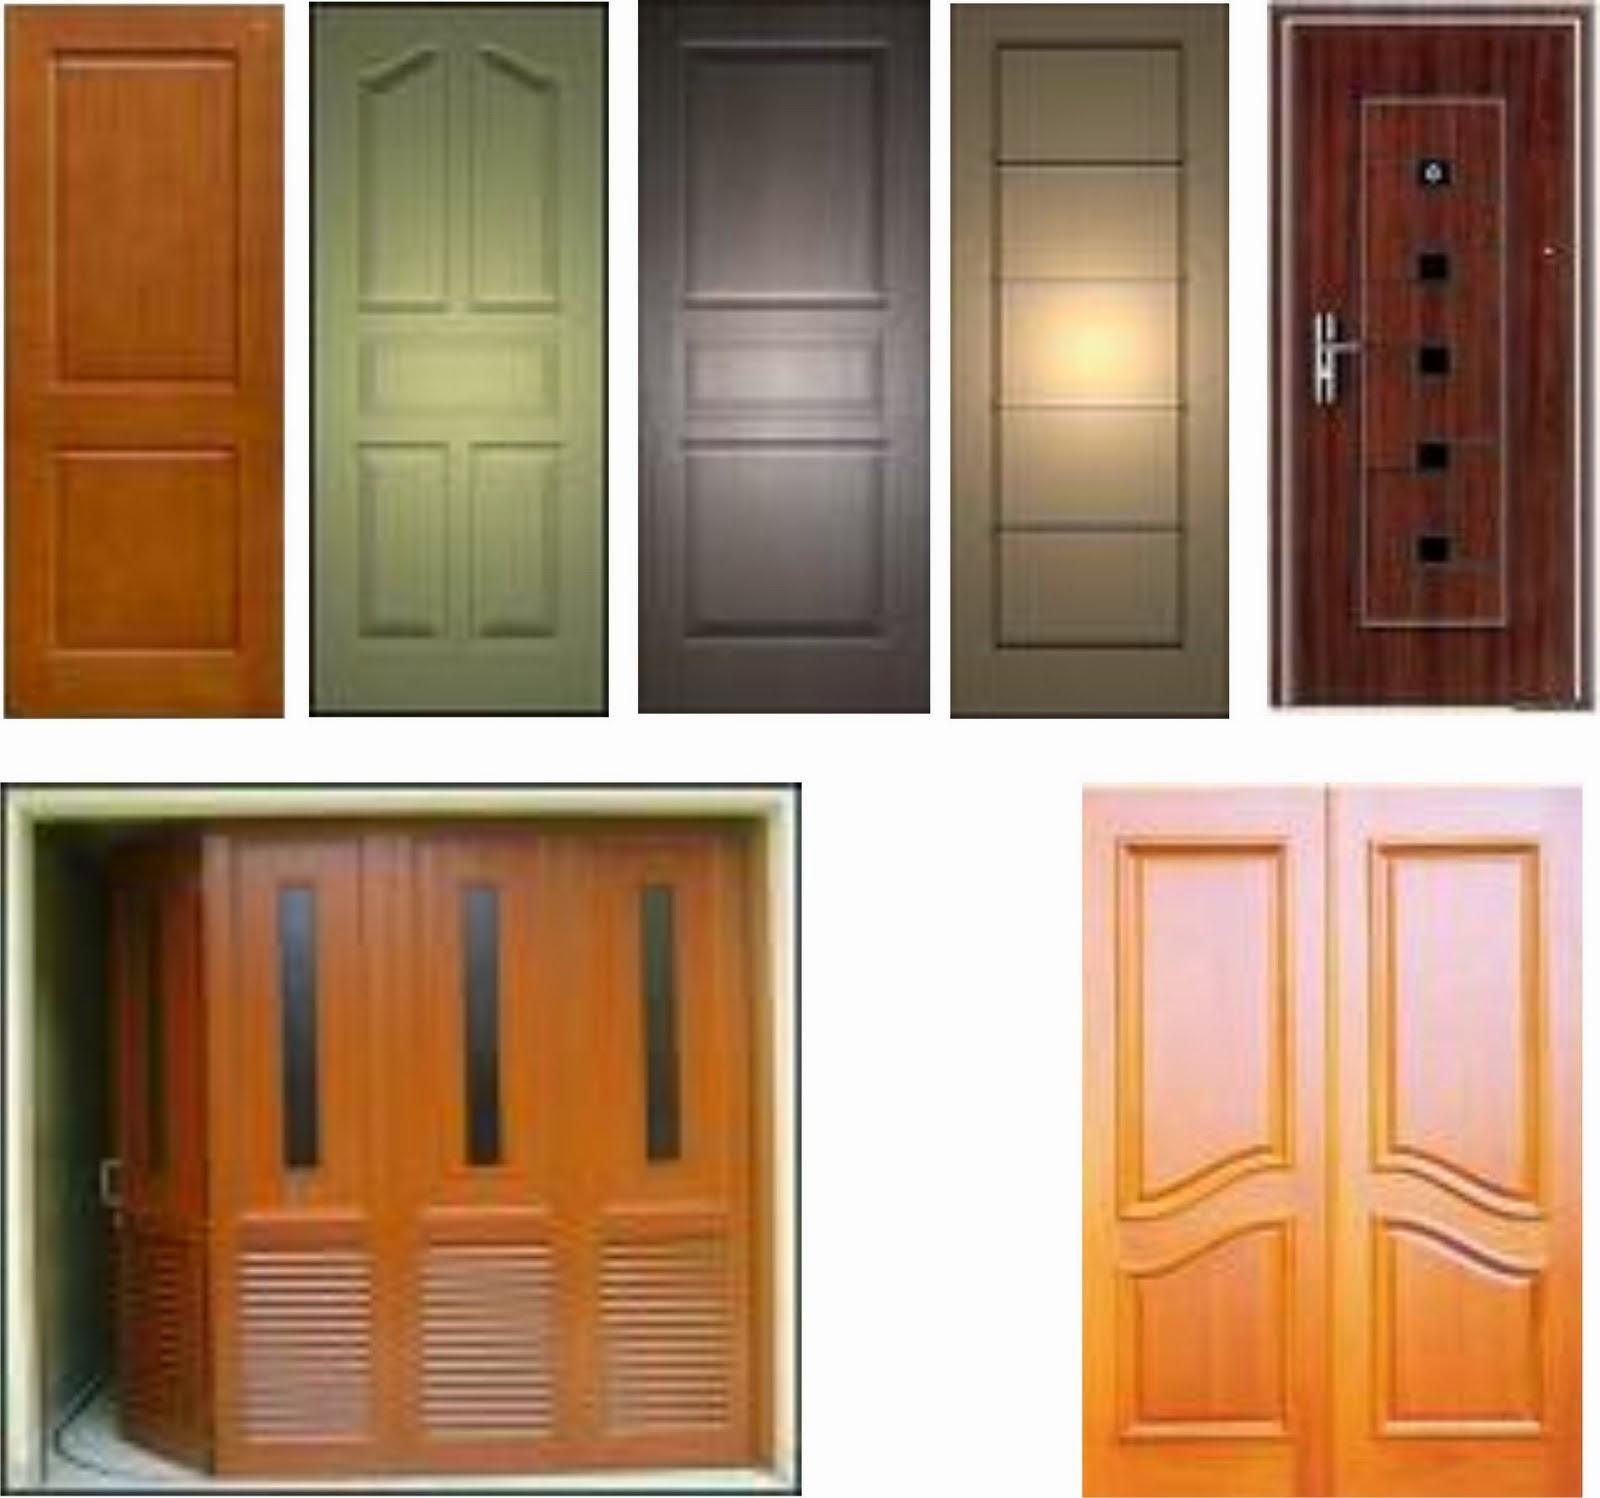 Gambar Kusen Pintu Kusen Jendela Minimalis